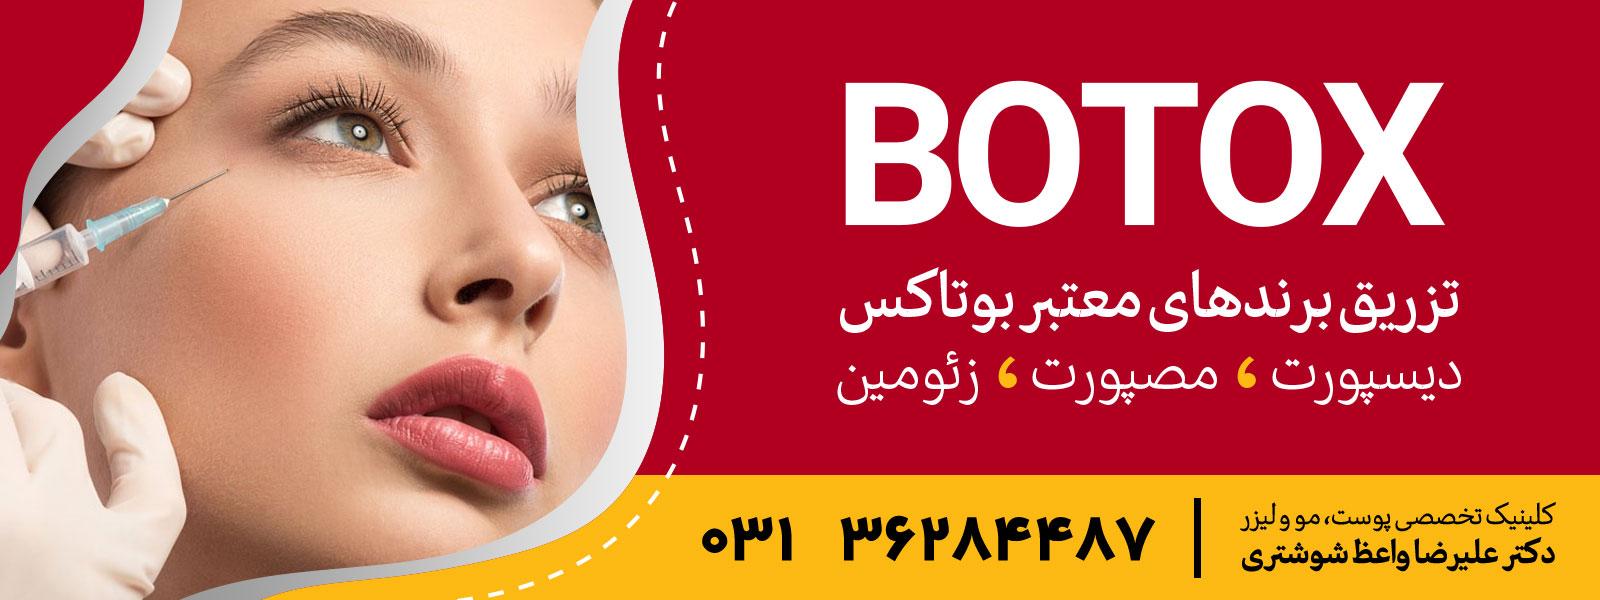 بوتاکس